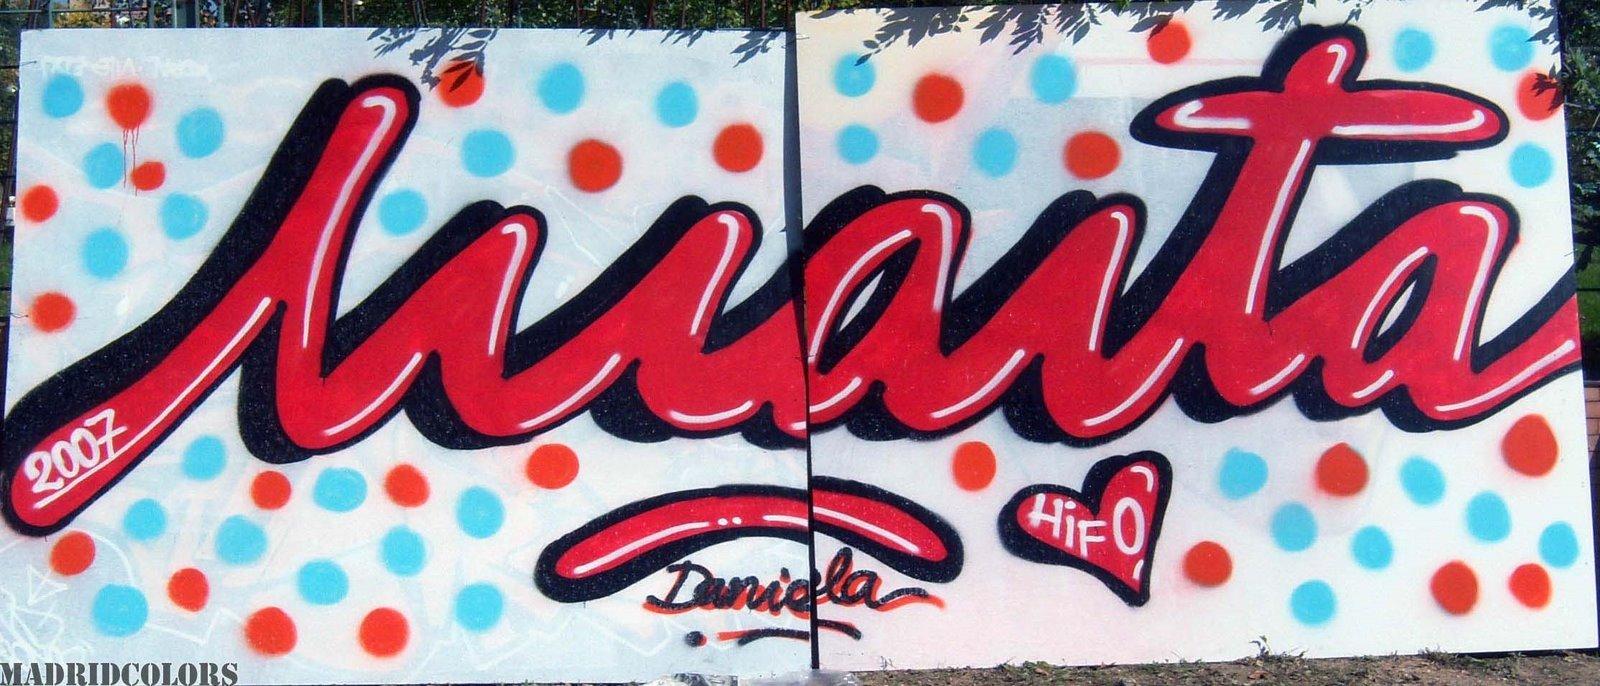 Normalmente la gente piensa que el graffiti y el arte urbano son territorios sólo masculinos, pero la realidad es completamente distinta.